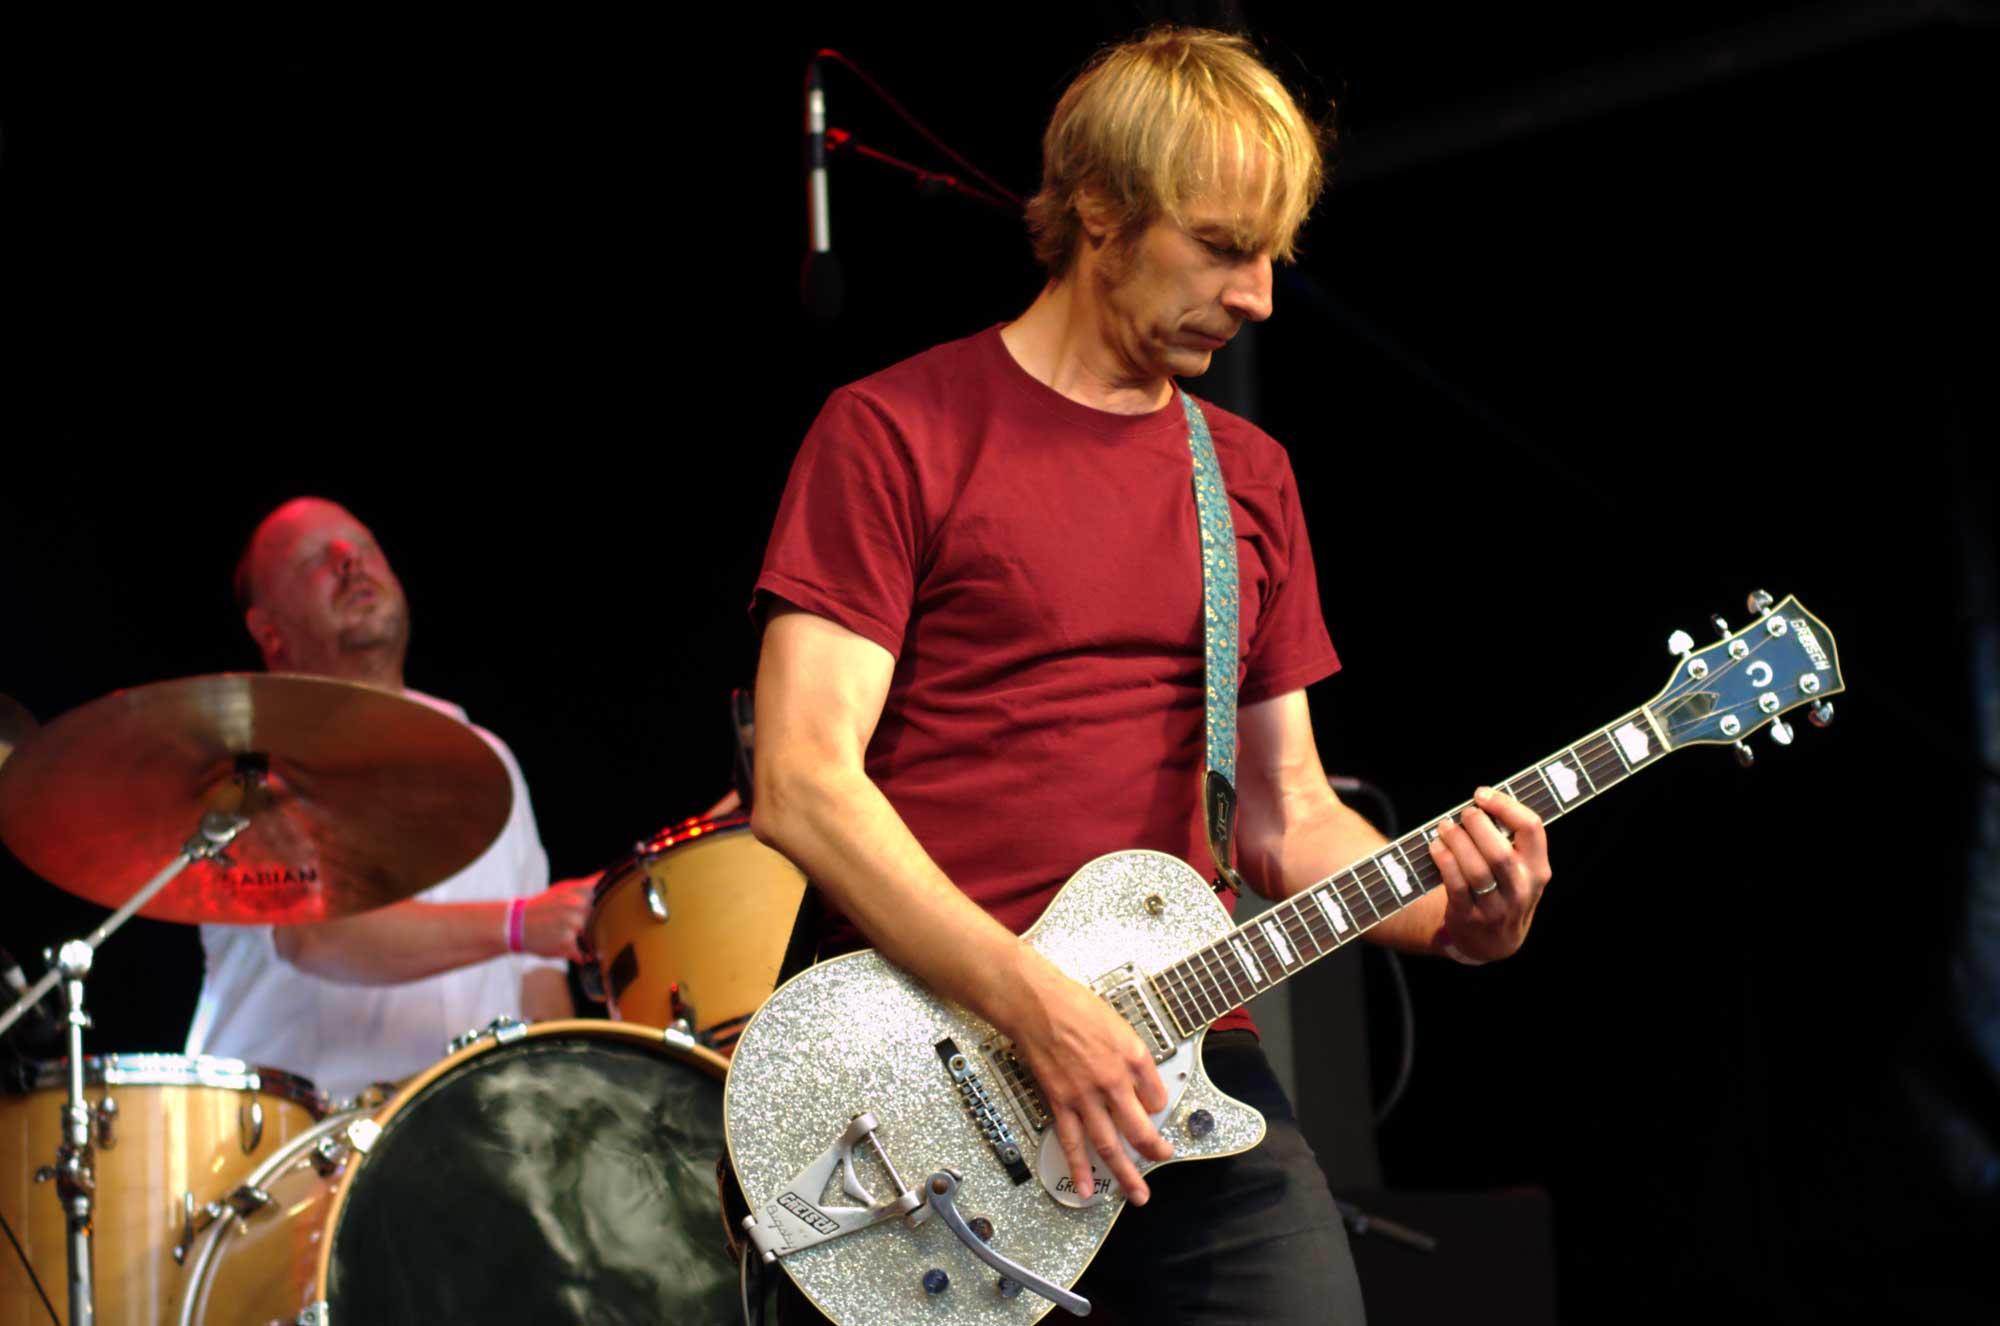 Mark Arm, a la guitarra, i Dan Peters, a la bateria, del grup de grunge i punk Mudhoney, actuant al Primavera Sound 2016